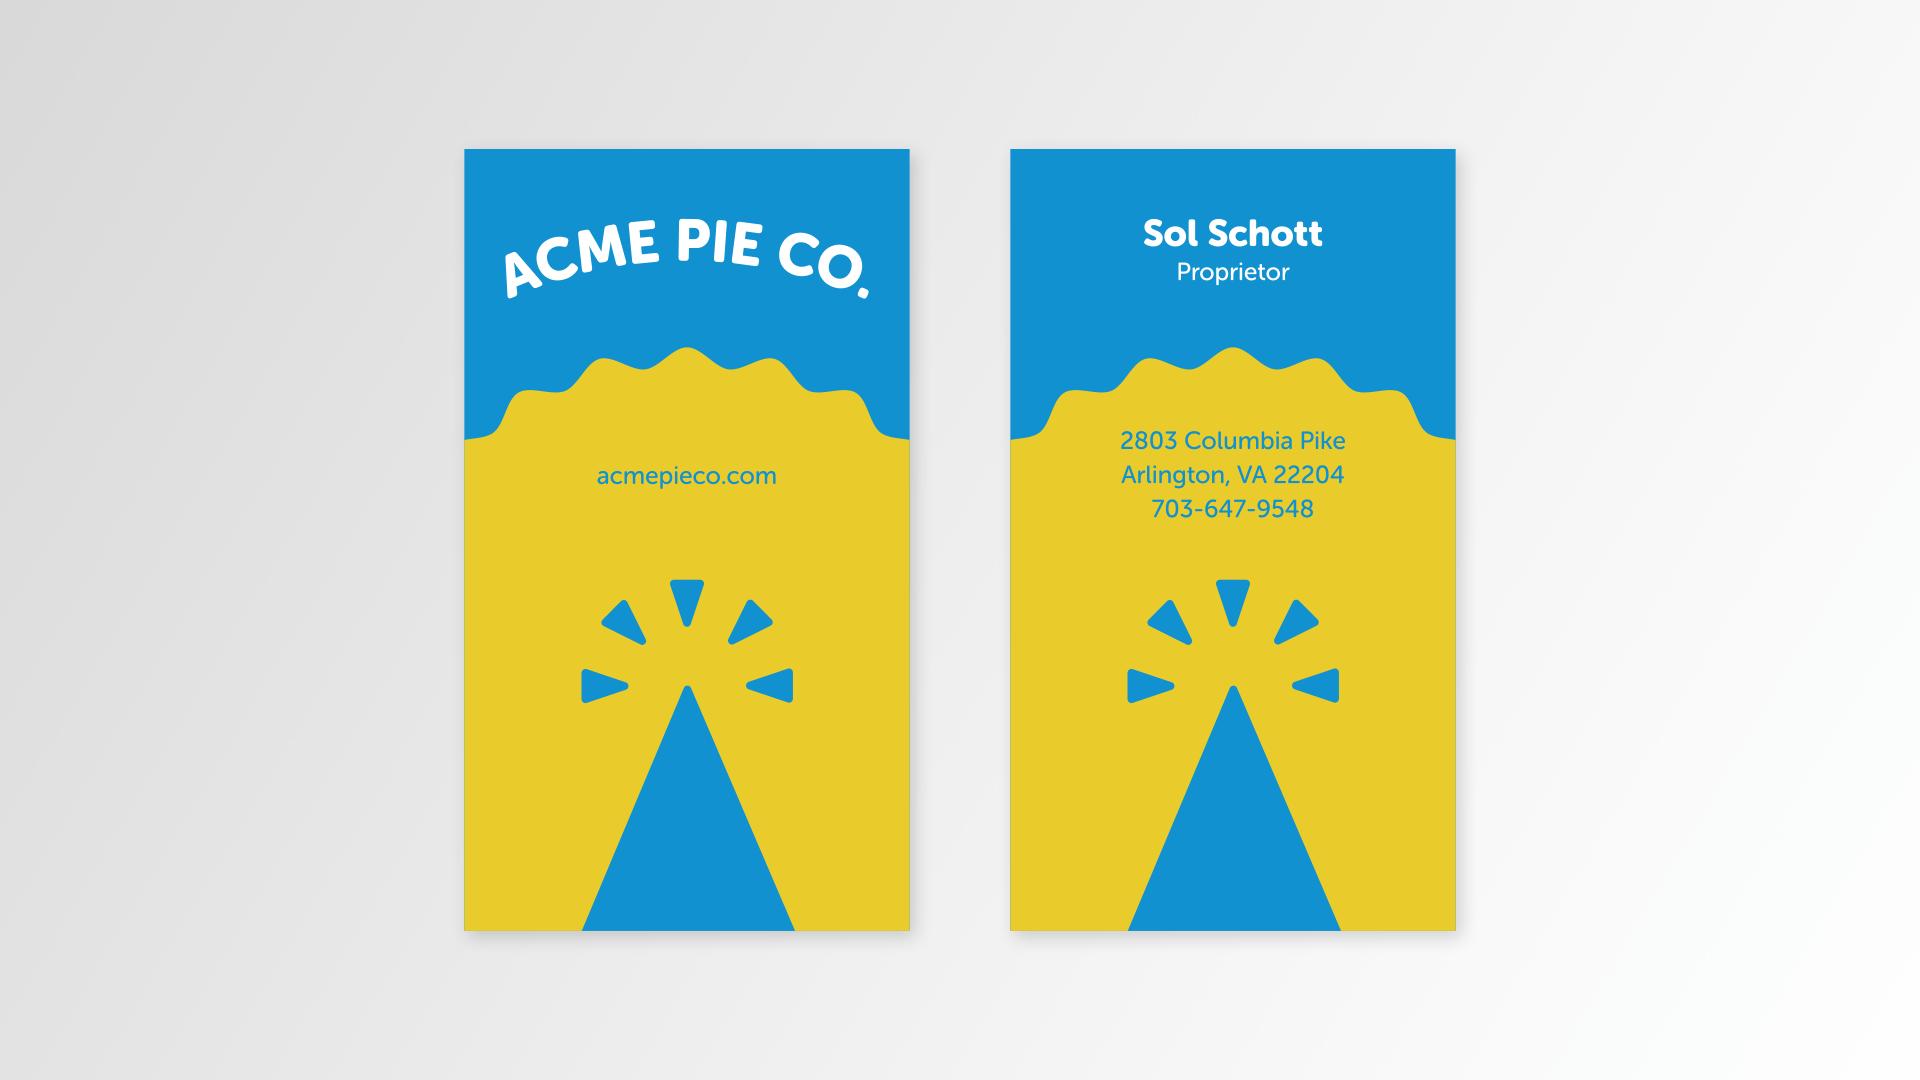 Acme_pie_biz_cards_1920x1080